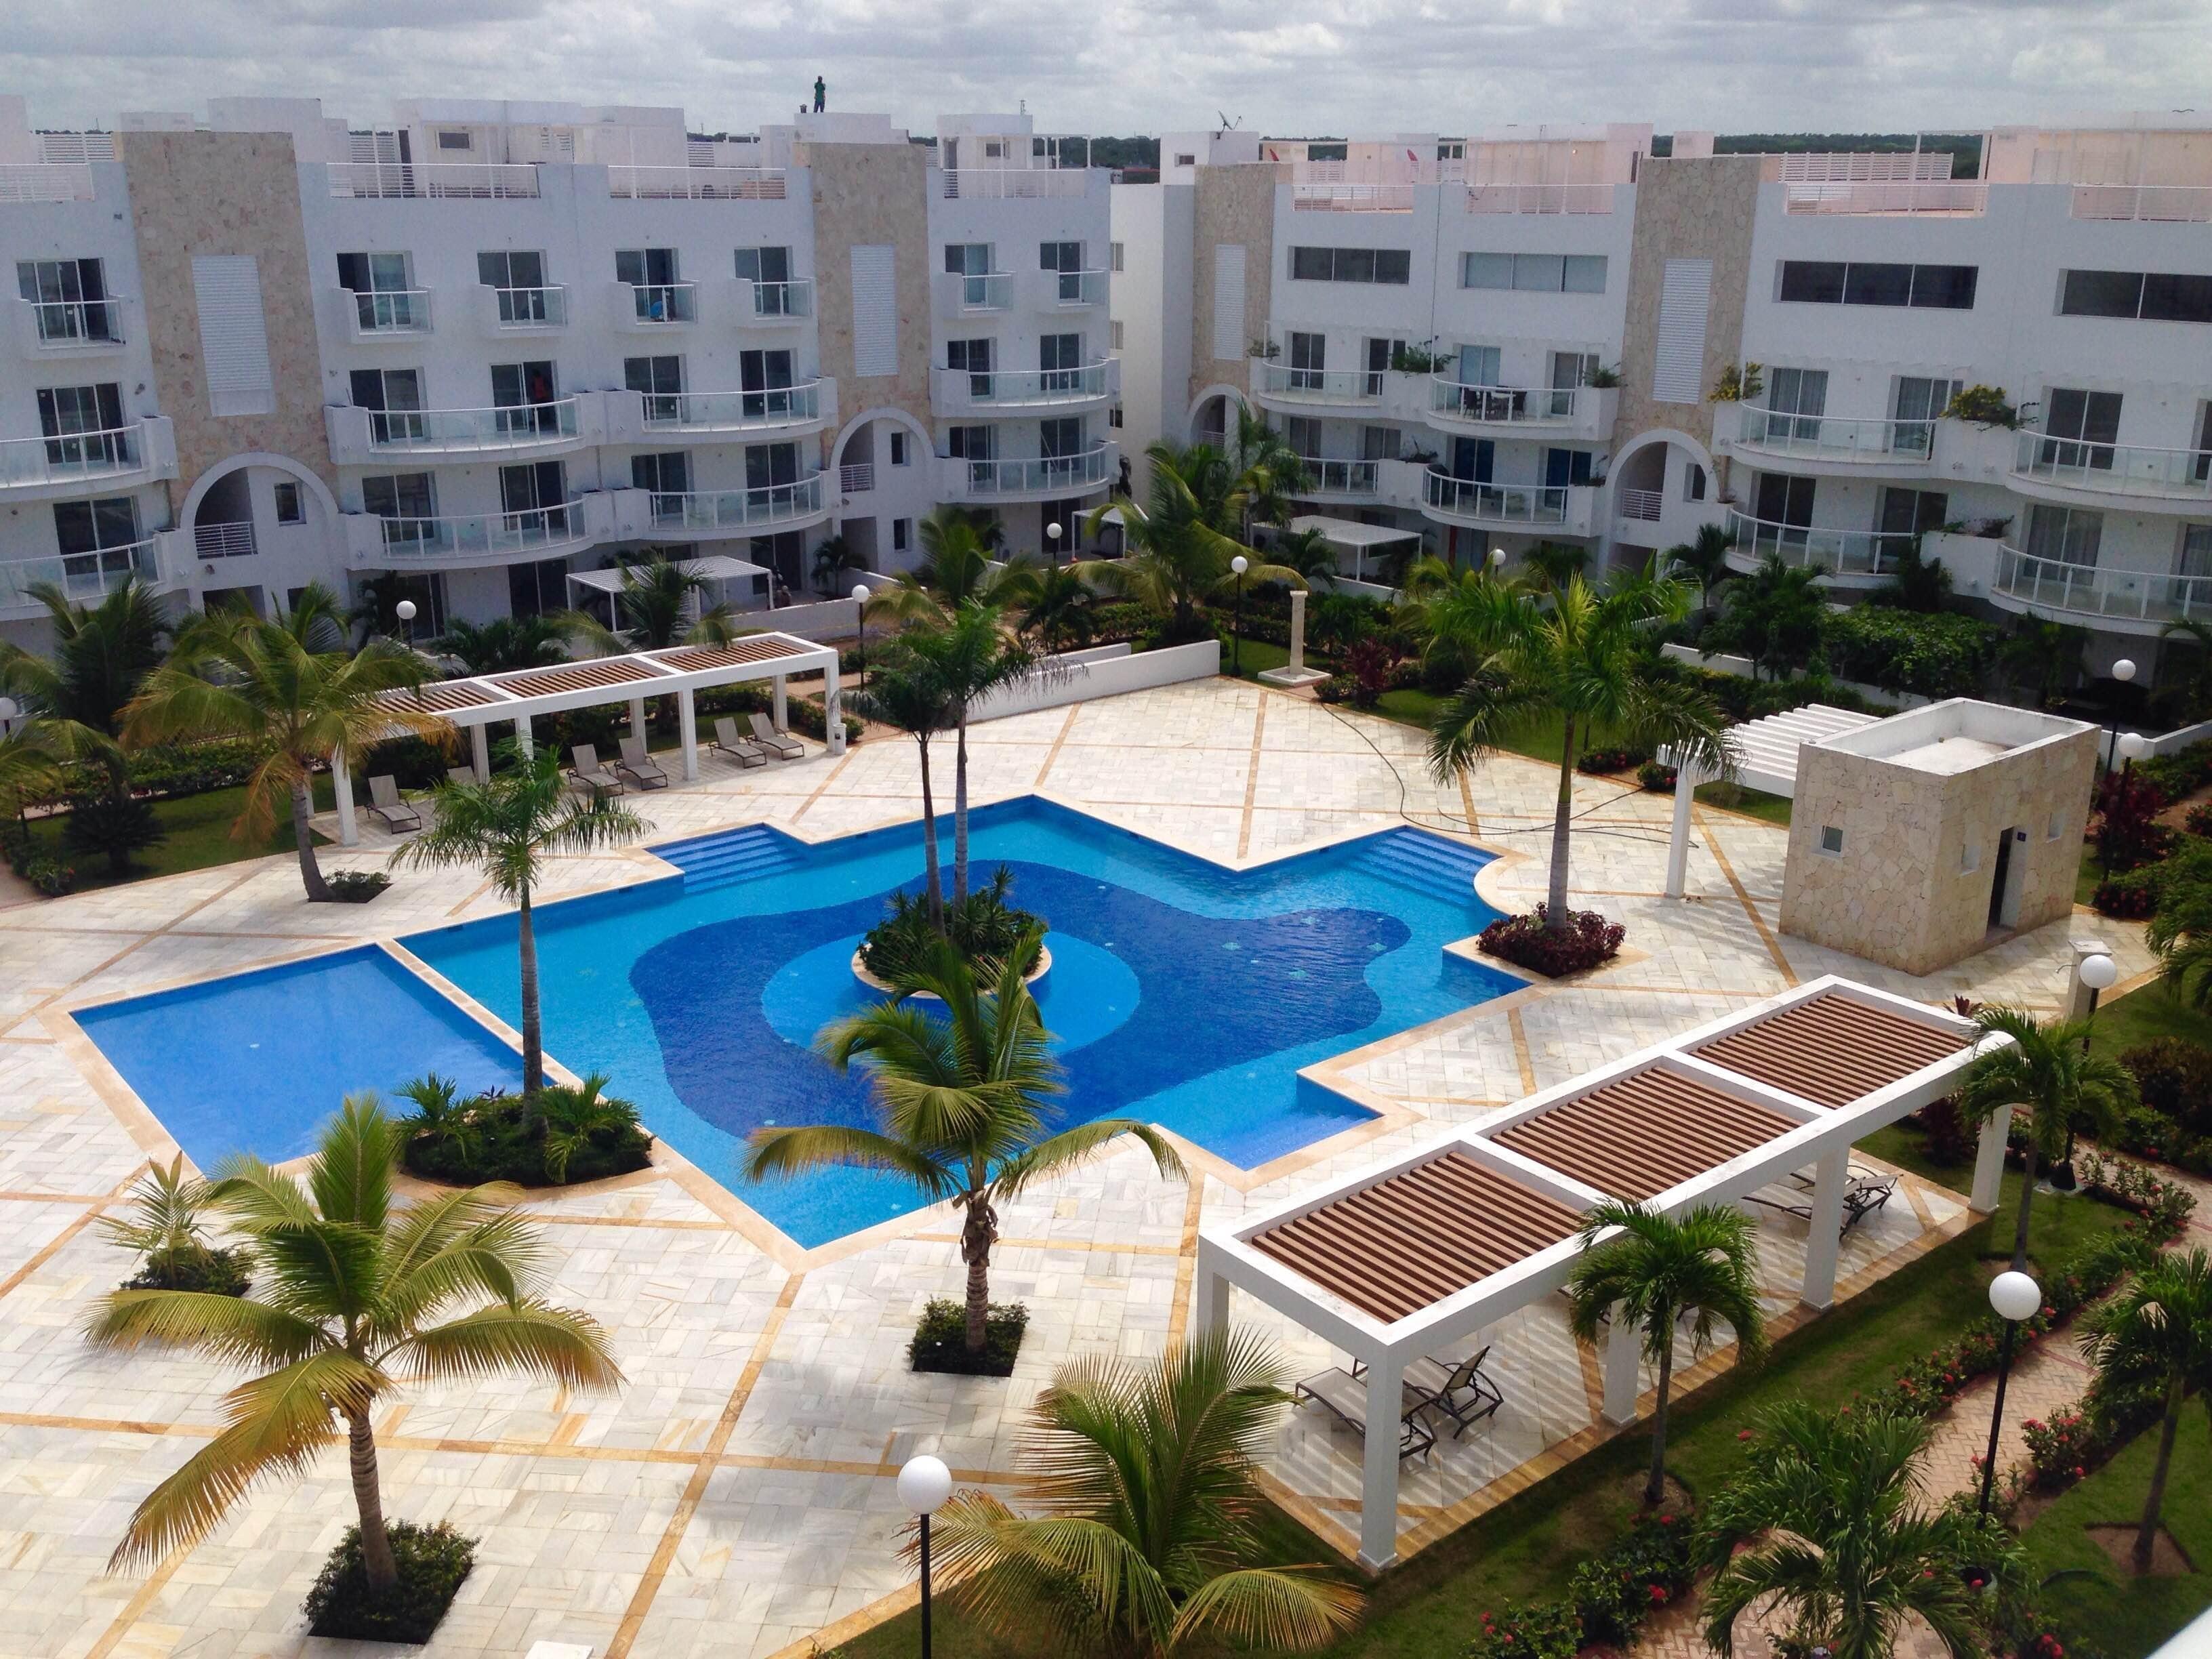 Fotos gratis villa palacio ver vacaciones piscina for Vacaciones en villas con piscina